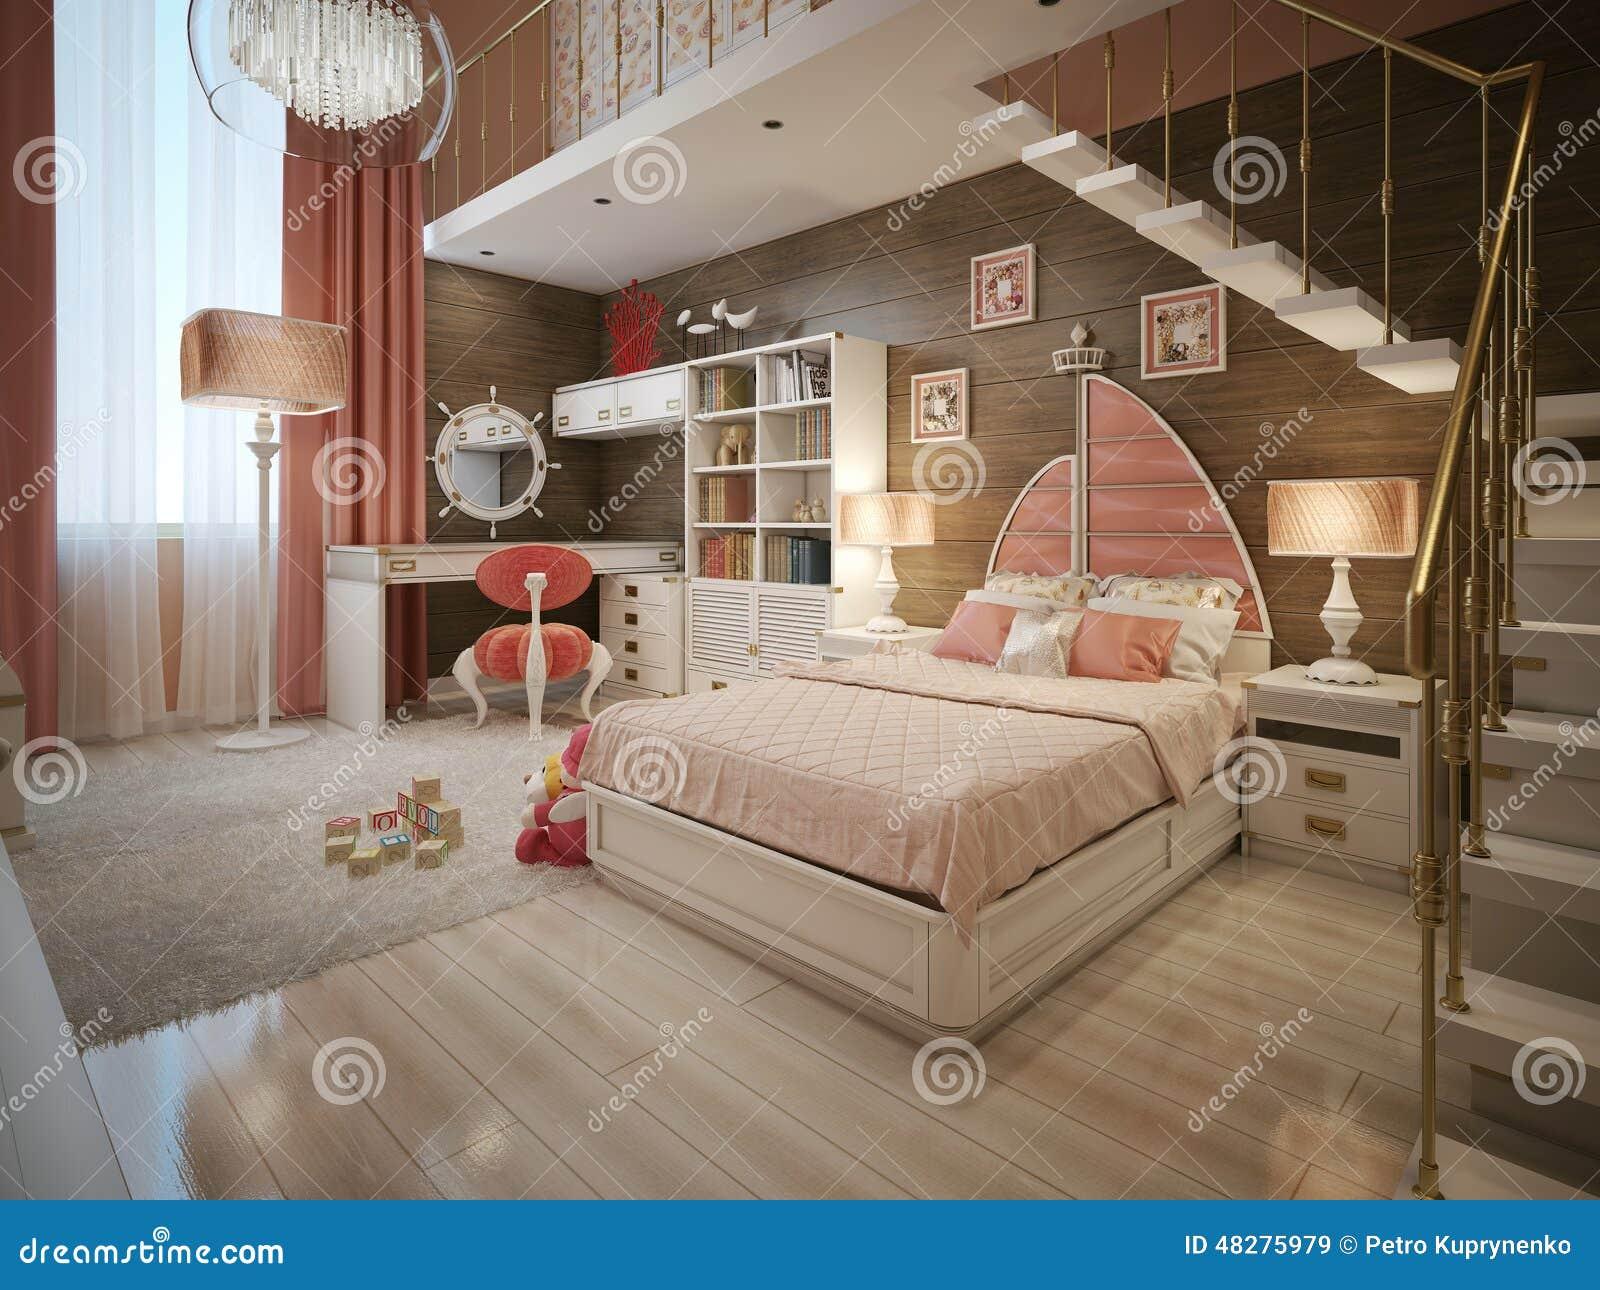 #82A328 Chambre à Coucher De Filles Dans Le Style Néoclassique  1567 chambre petite mais belle 1300x1065 px @ aertt.com